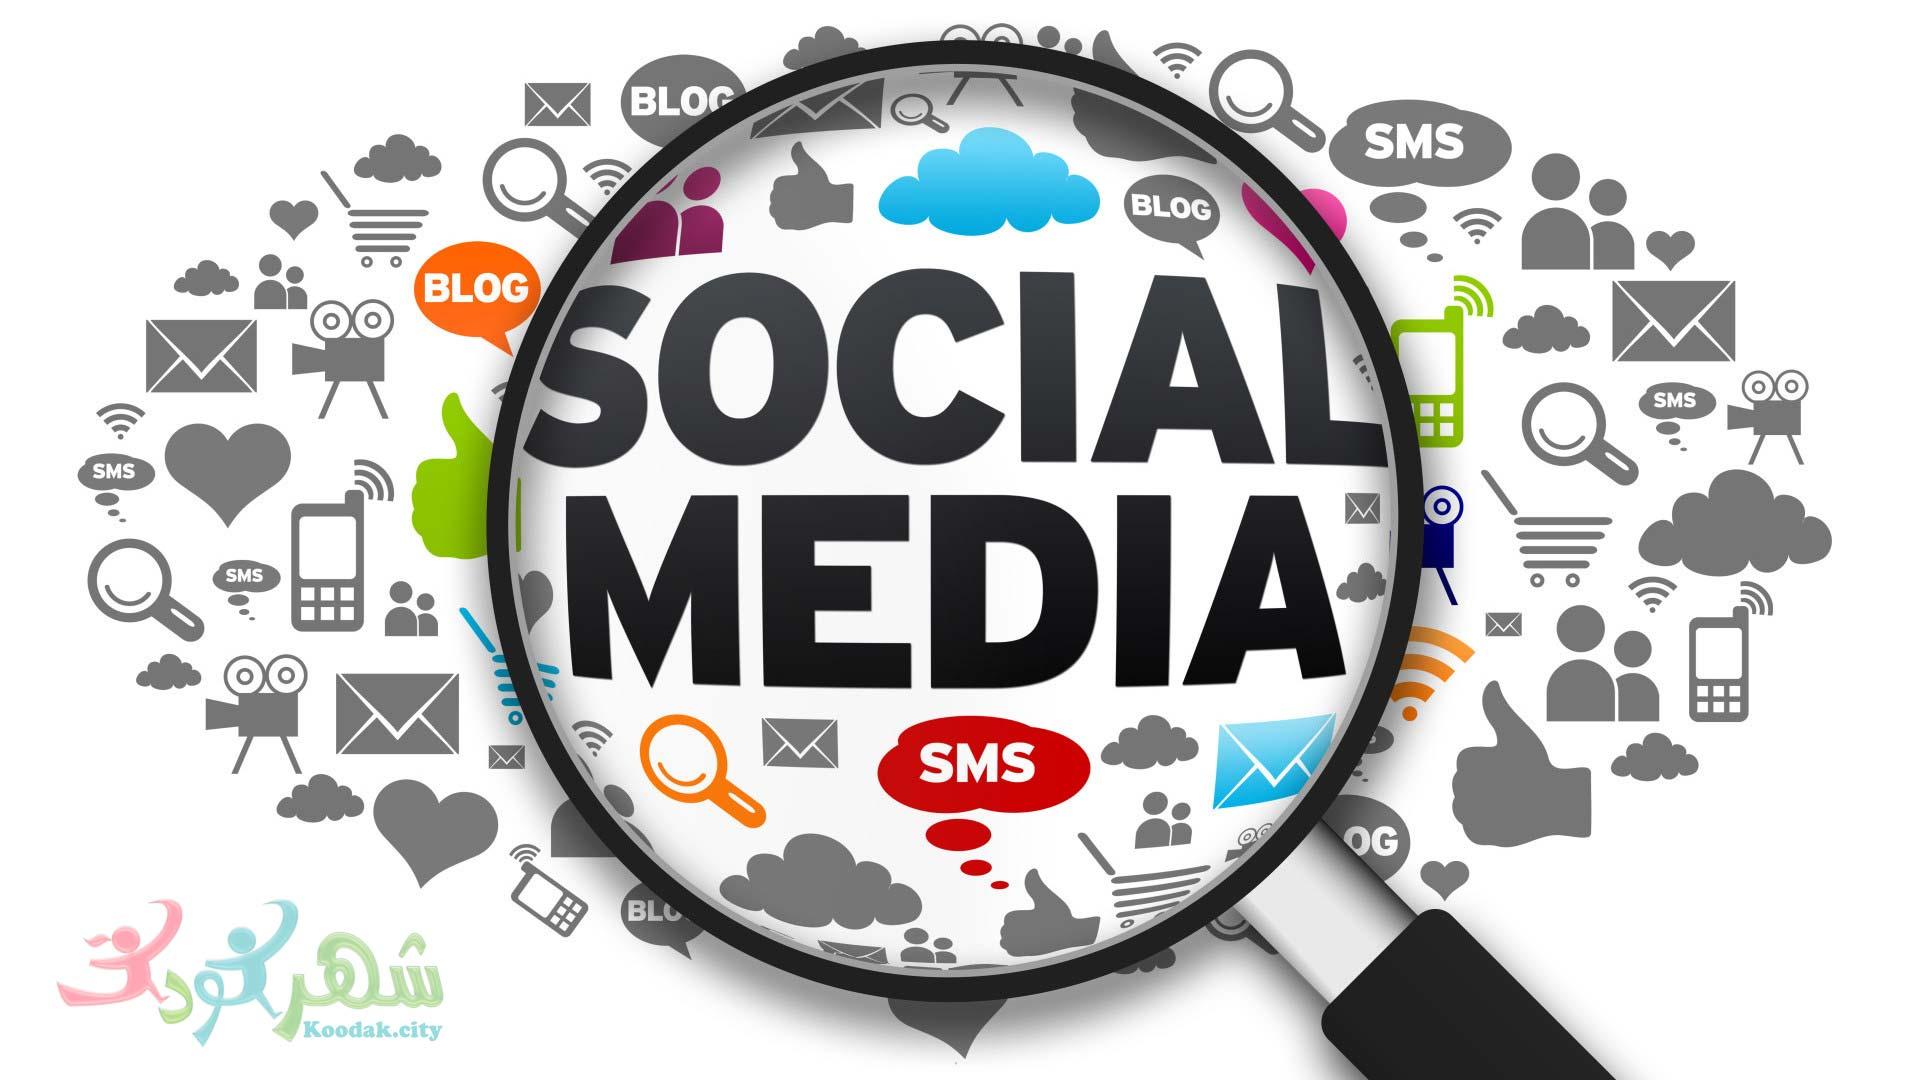 تبلیغات کسب و کار در شبکههای اجتماعی